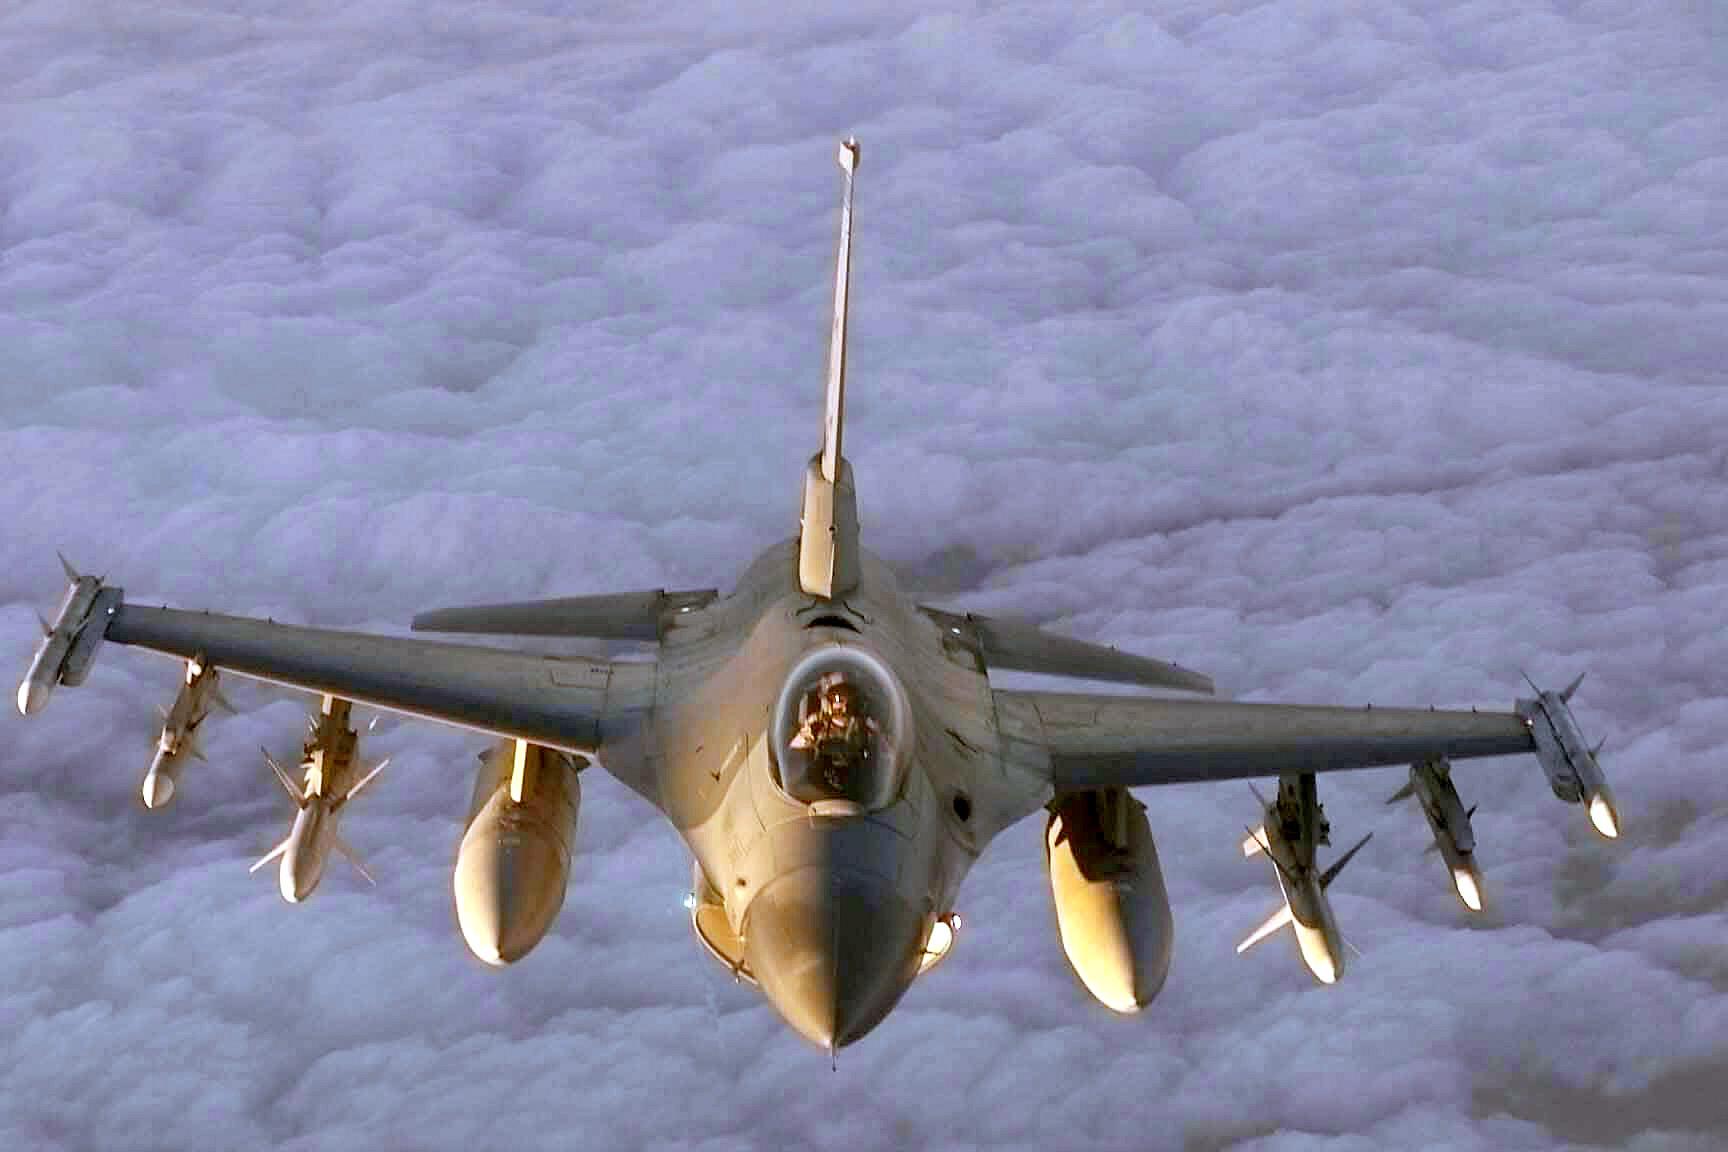 صورة اتصالات أمريكية لبدء حرب كبرى في الشرق الأوسط